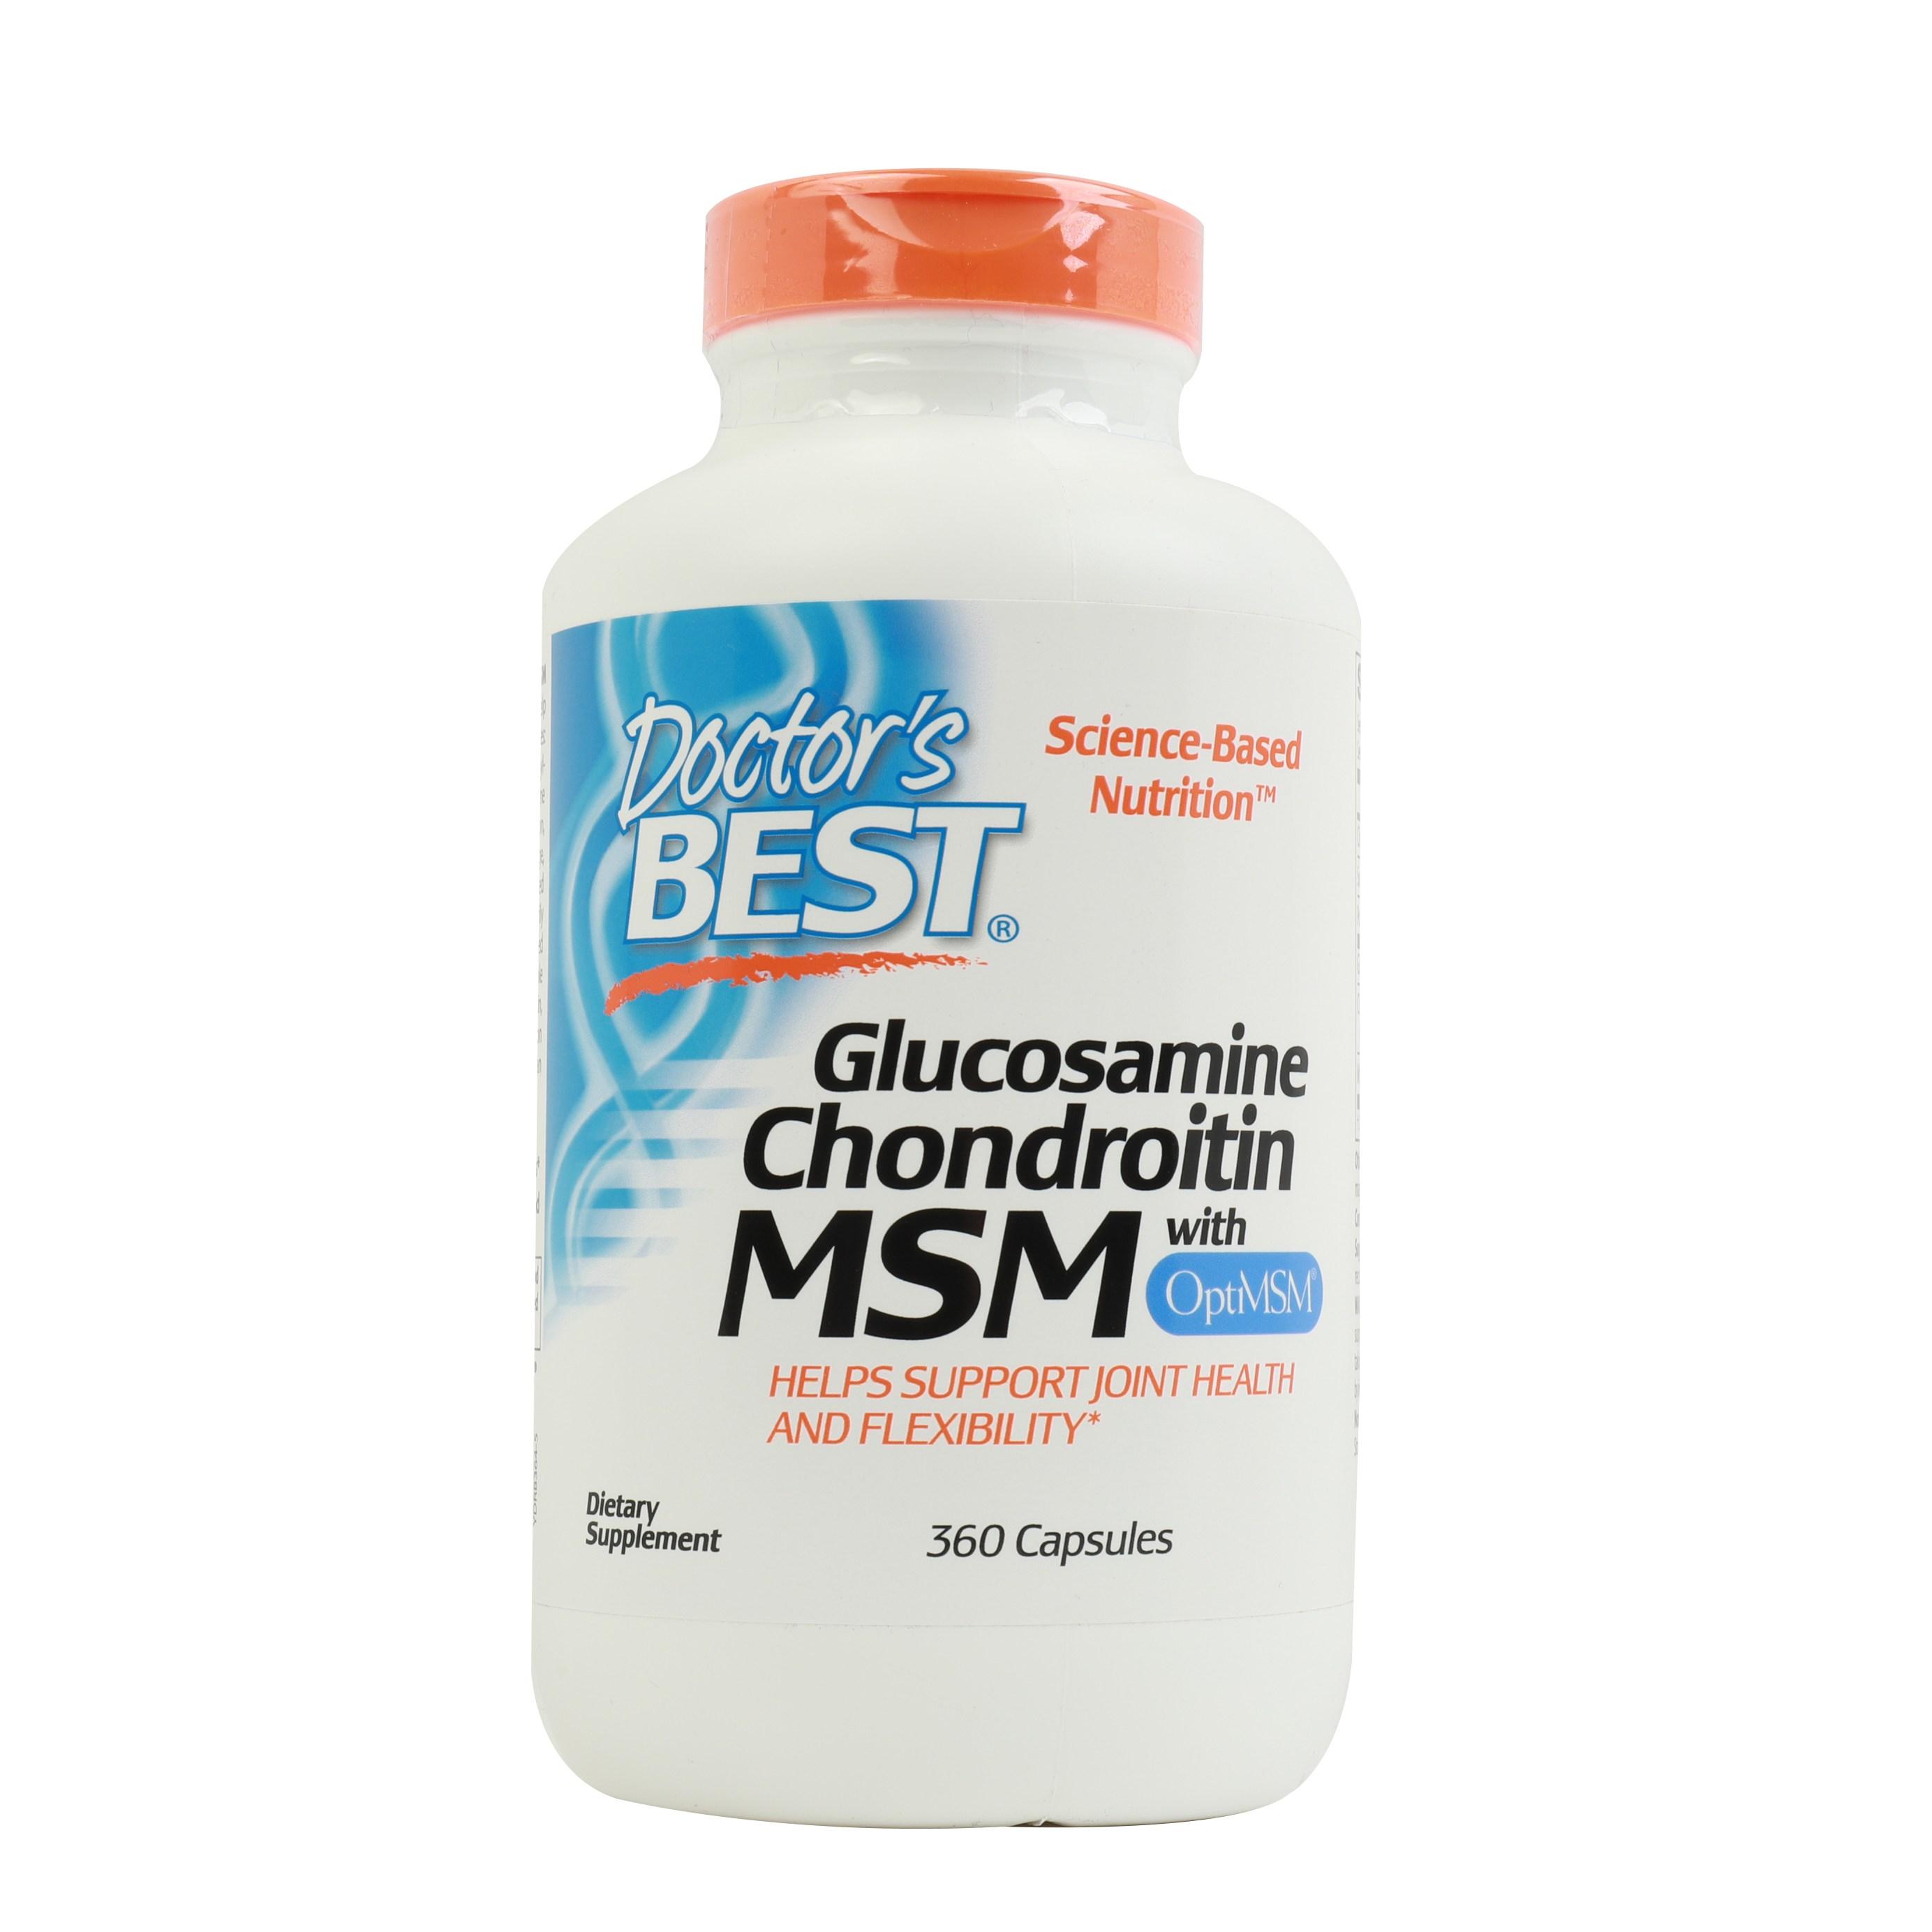 닥터스베스트 글루코사민 콘드로이틴 MSM 캡슐, 360개입, 1개